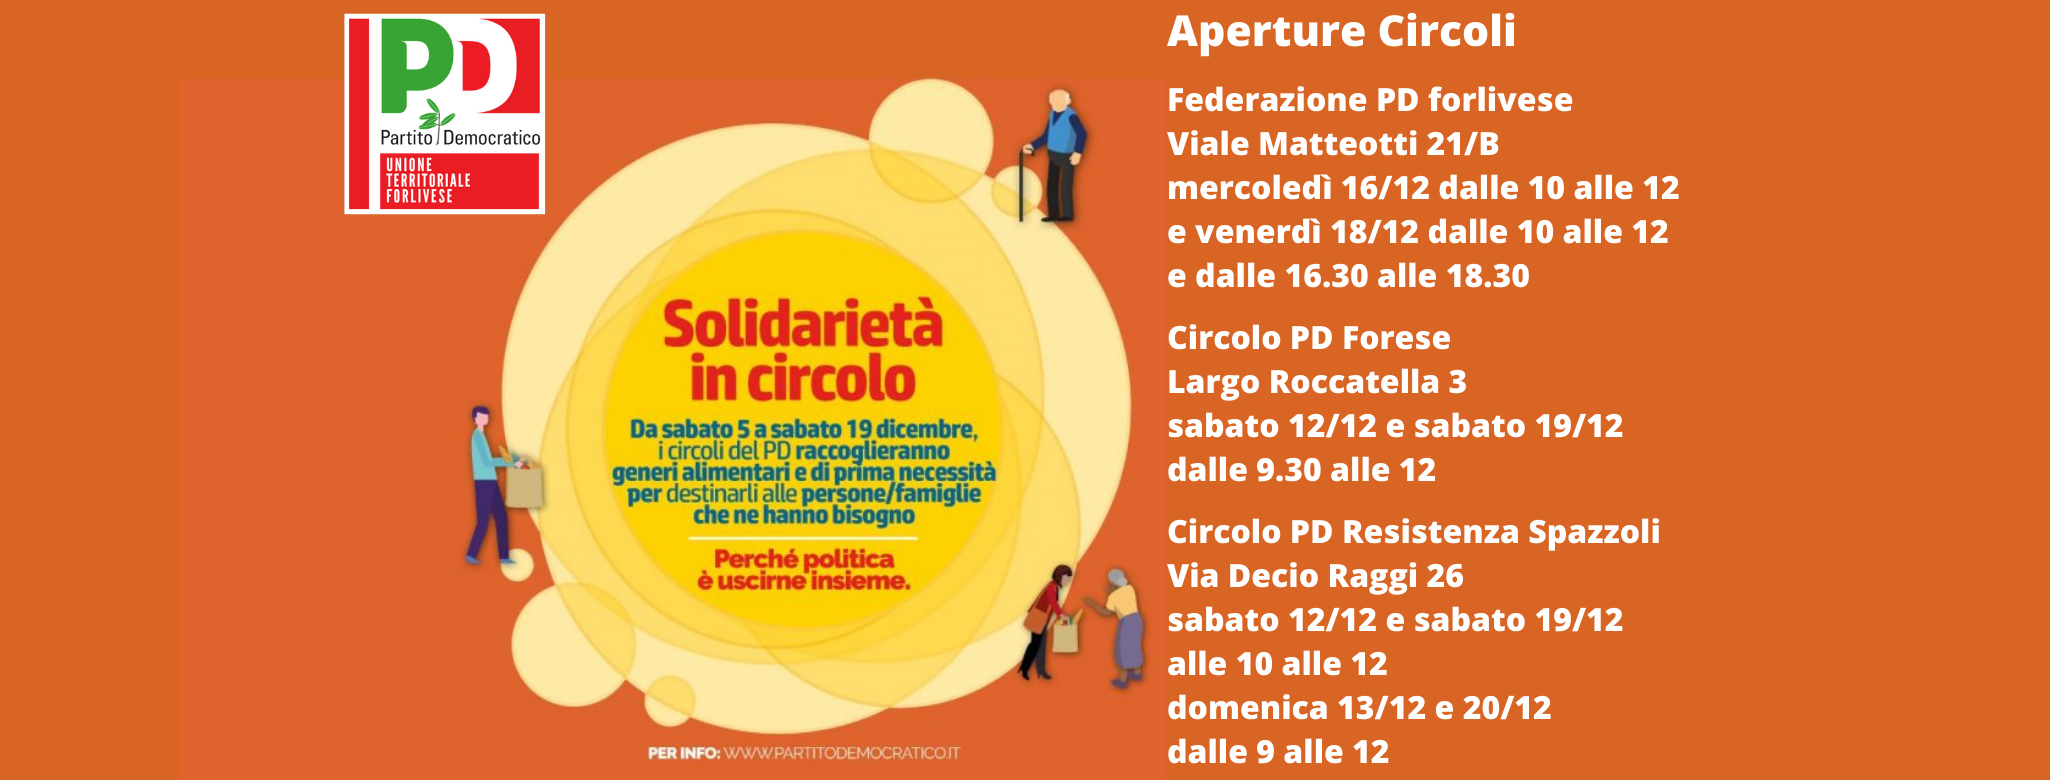 www.pdforli.org